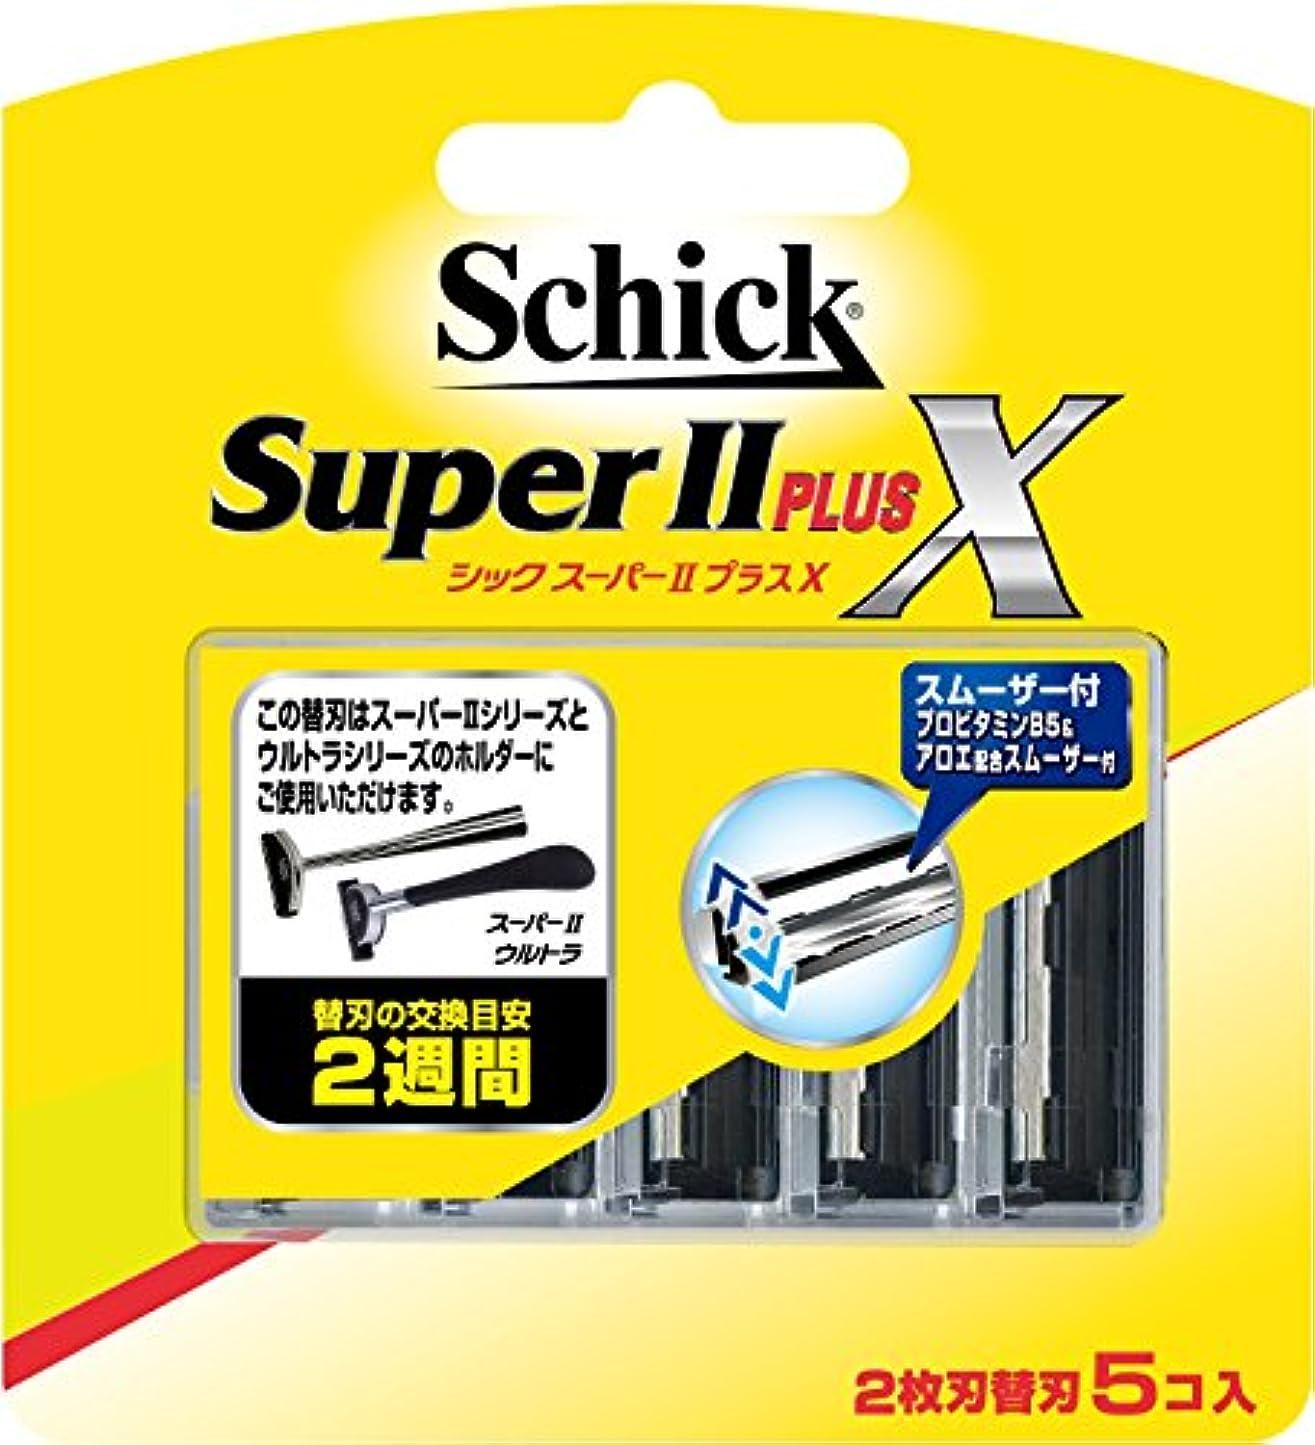 視力思い出させる黄ばむシック スーパーIIプラスX 替刃 (5コ入)